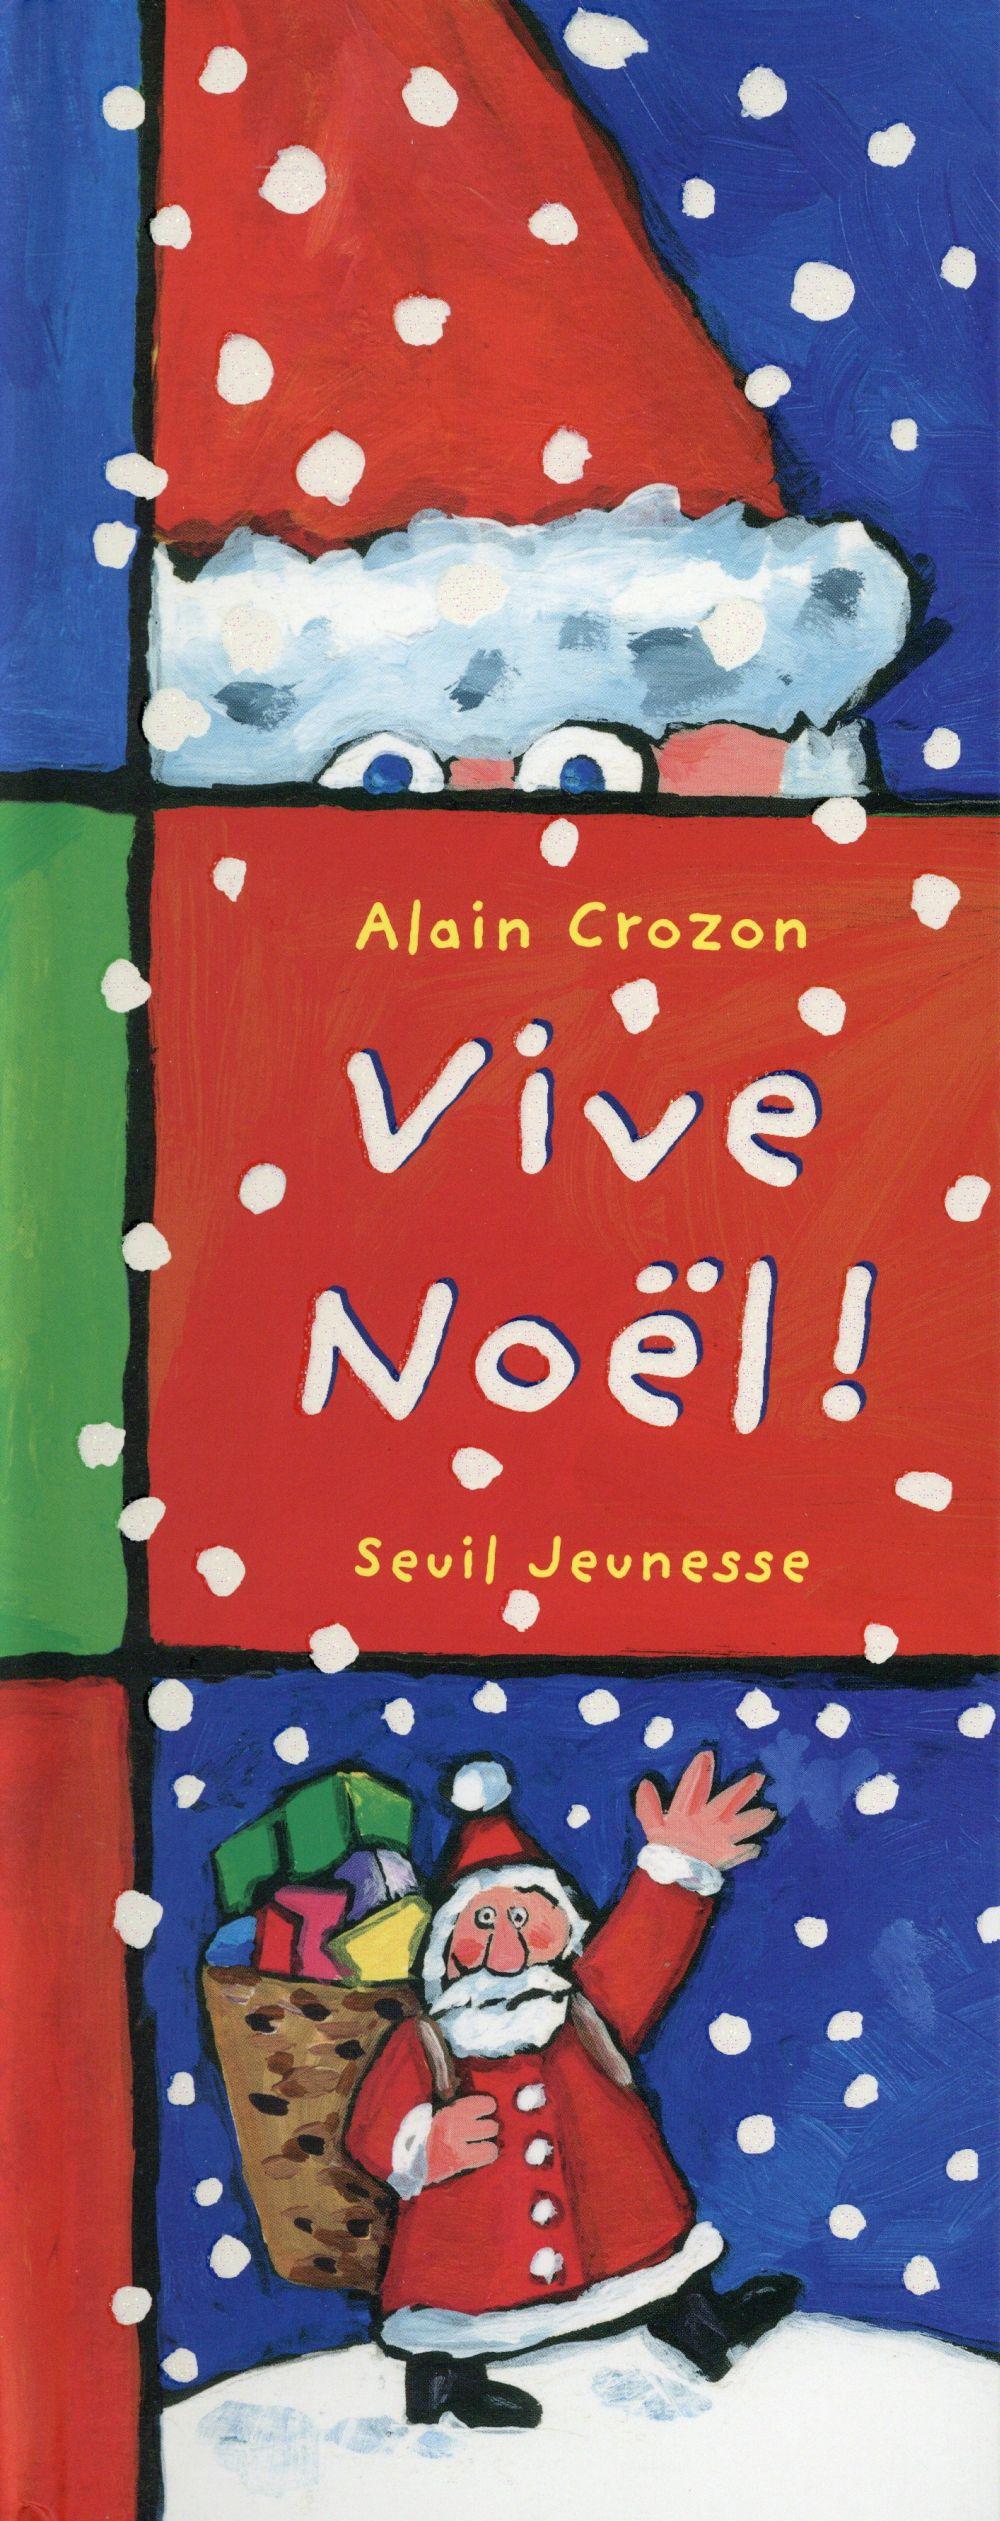 VIVE NOEL!